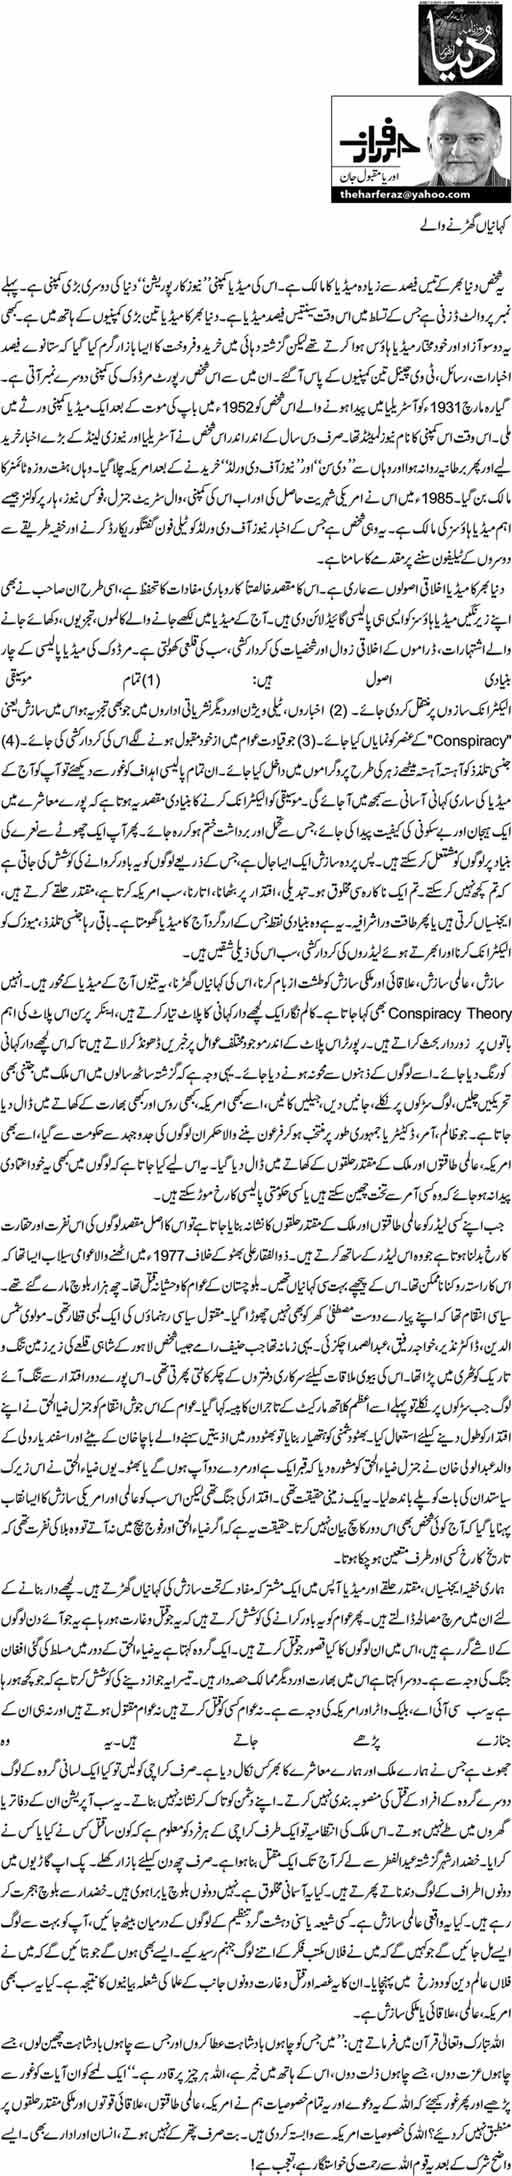 Kahaniyyan gharnay walay - Orya Maqbool Jaan